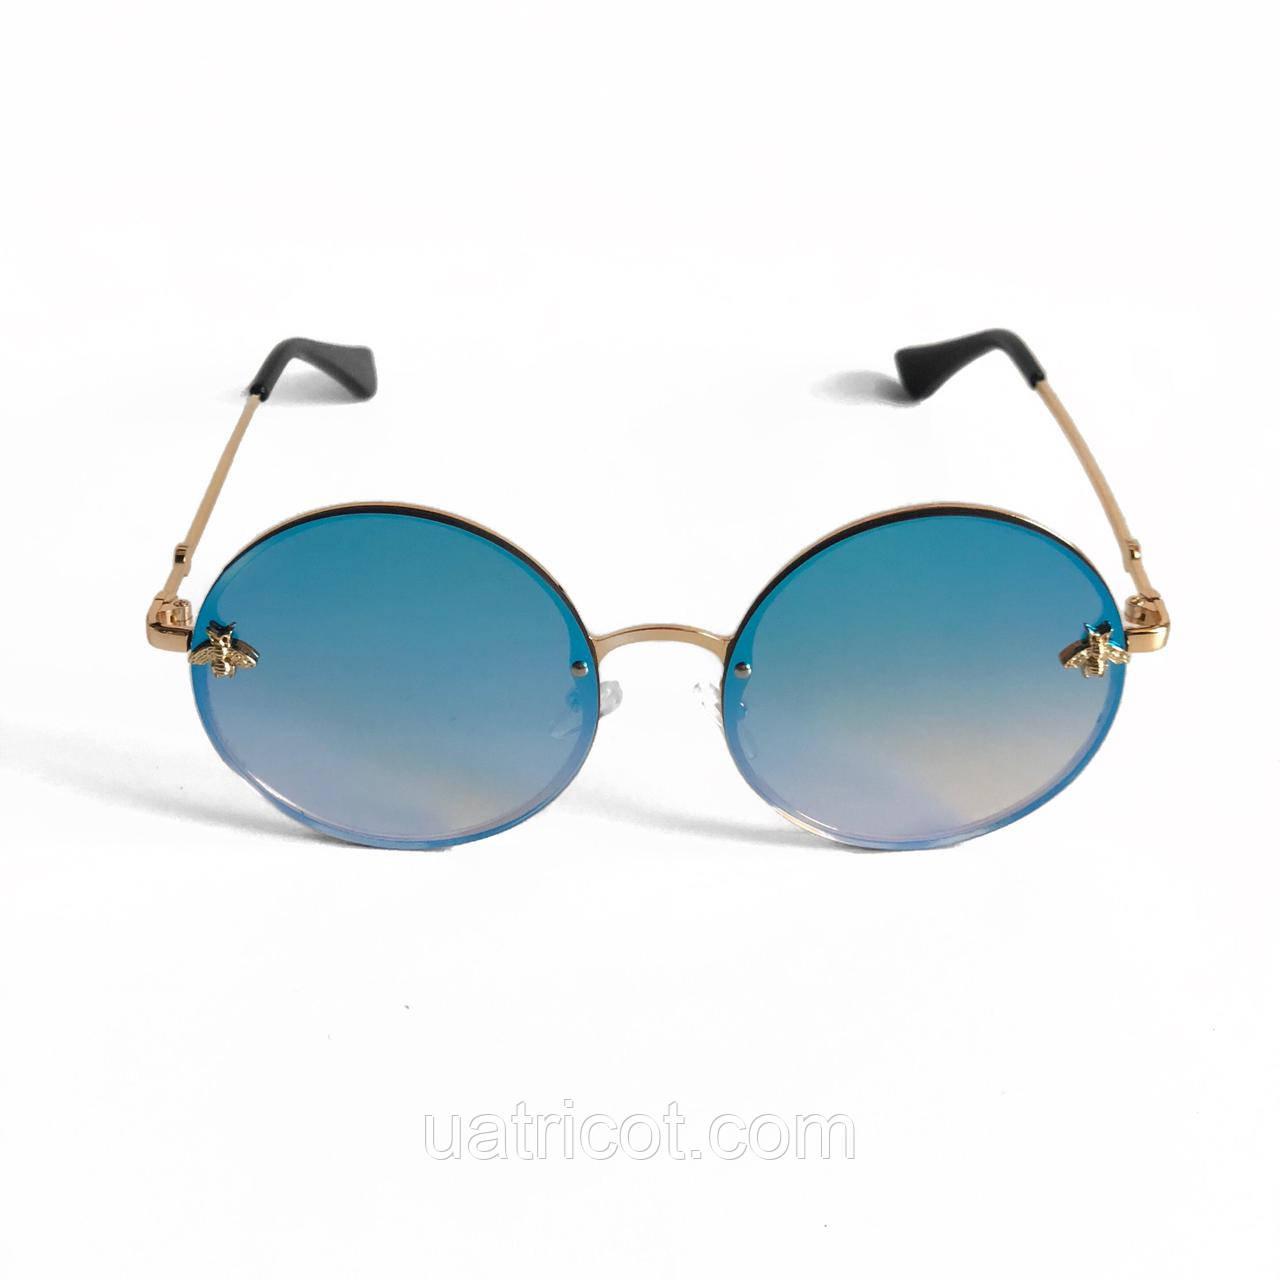 Женские круглые солнцезащитные очки с голубой зеркальной линзой - Интернет- магазин